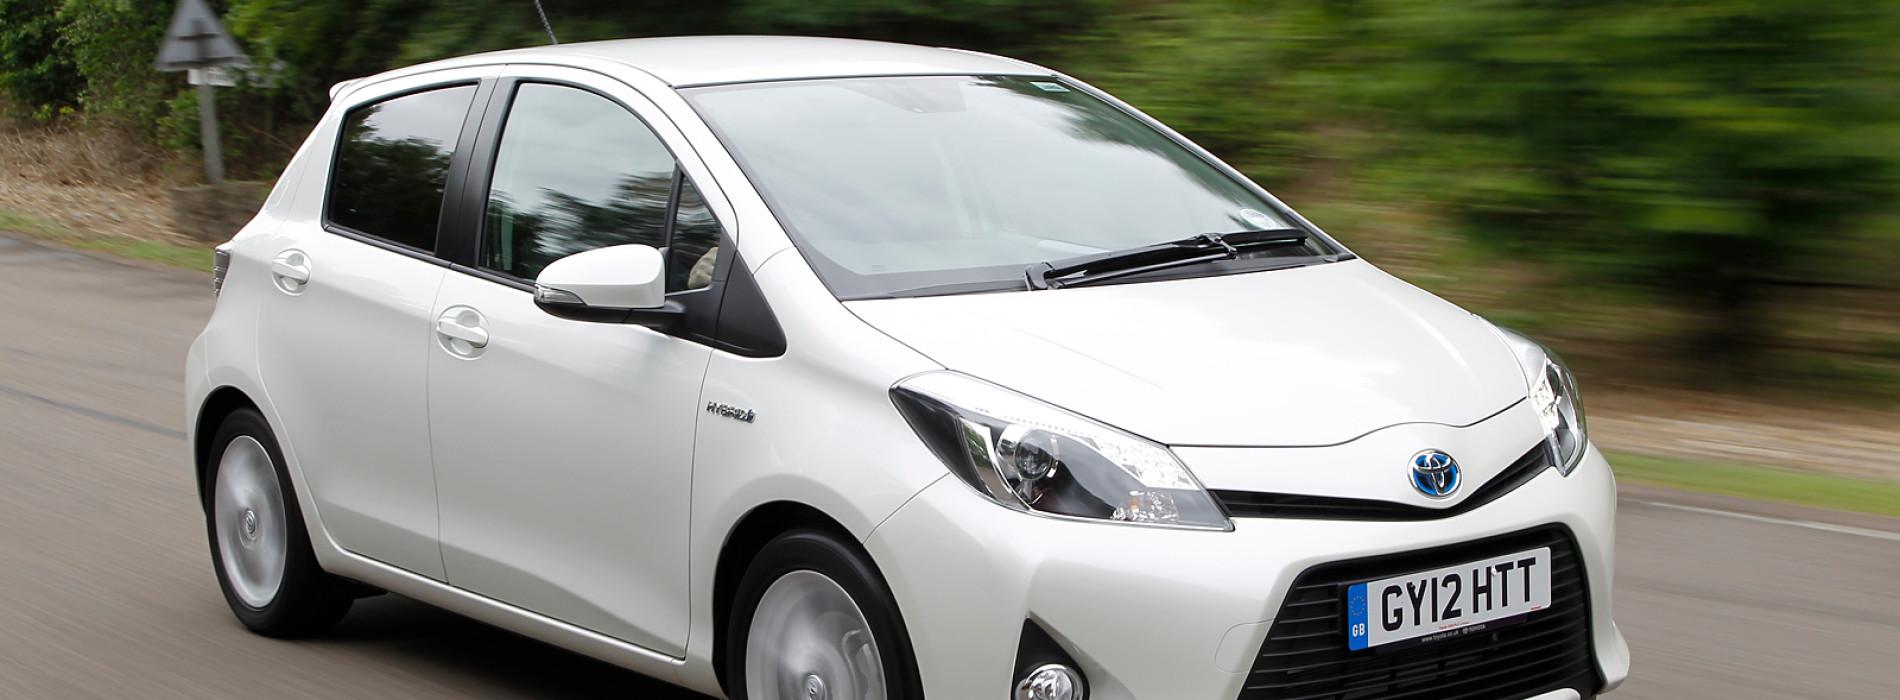 Ubezpieczenie nowego samochodu – gdzie najlepiej ubezpieczyć auto z salonu?